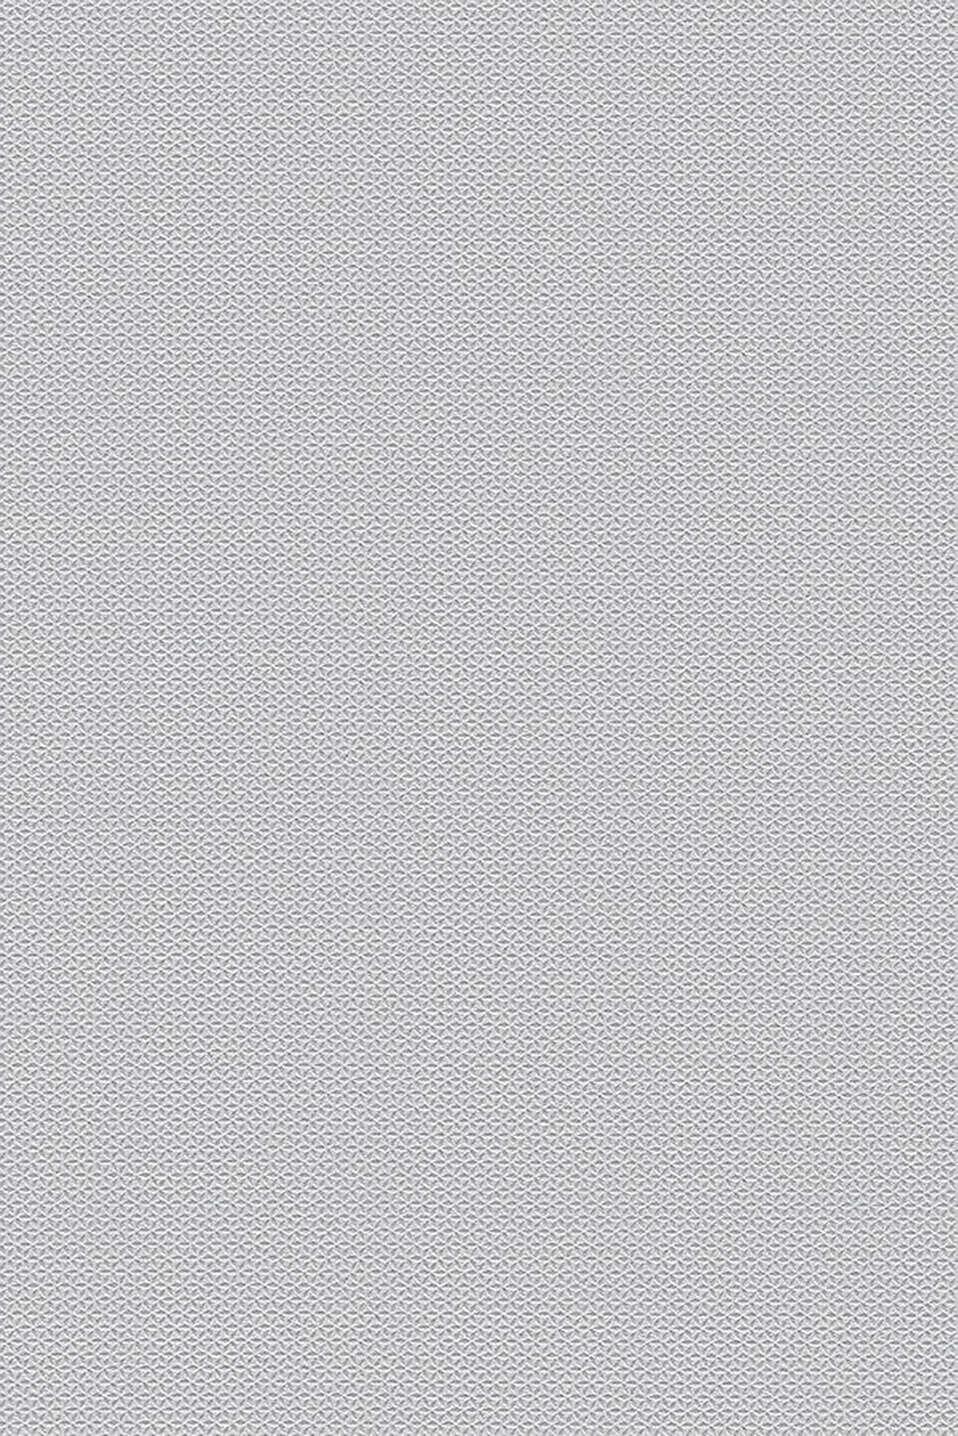 Non-woven textile wallpaper, plain pattern, one colour, detail image number 1